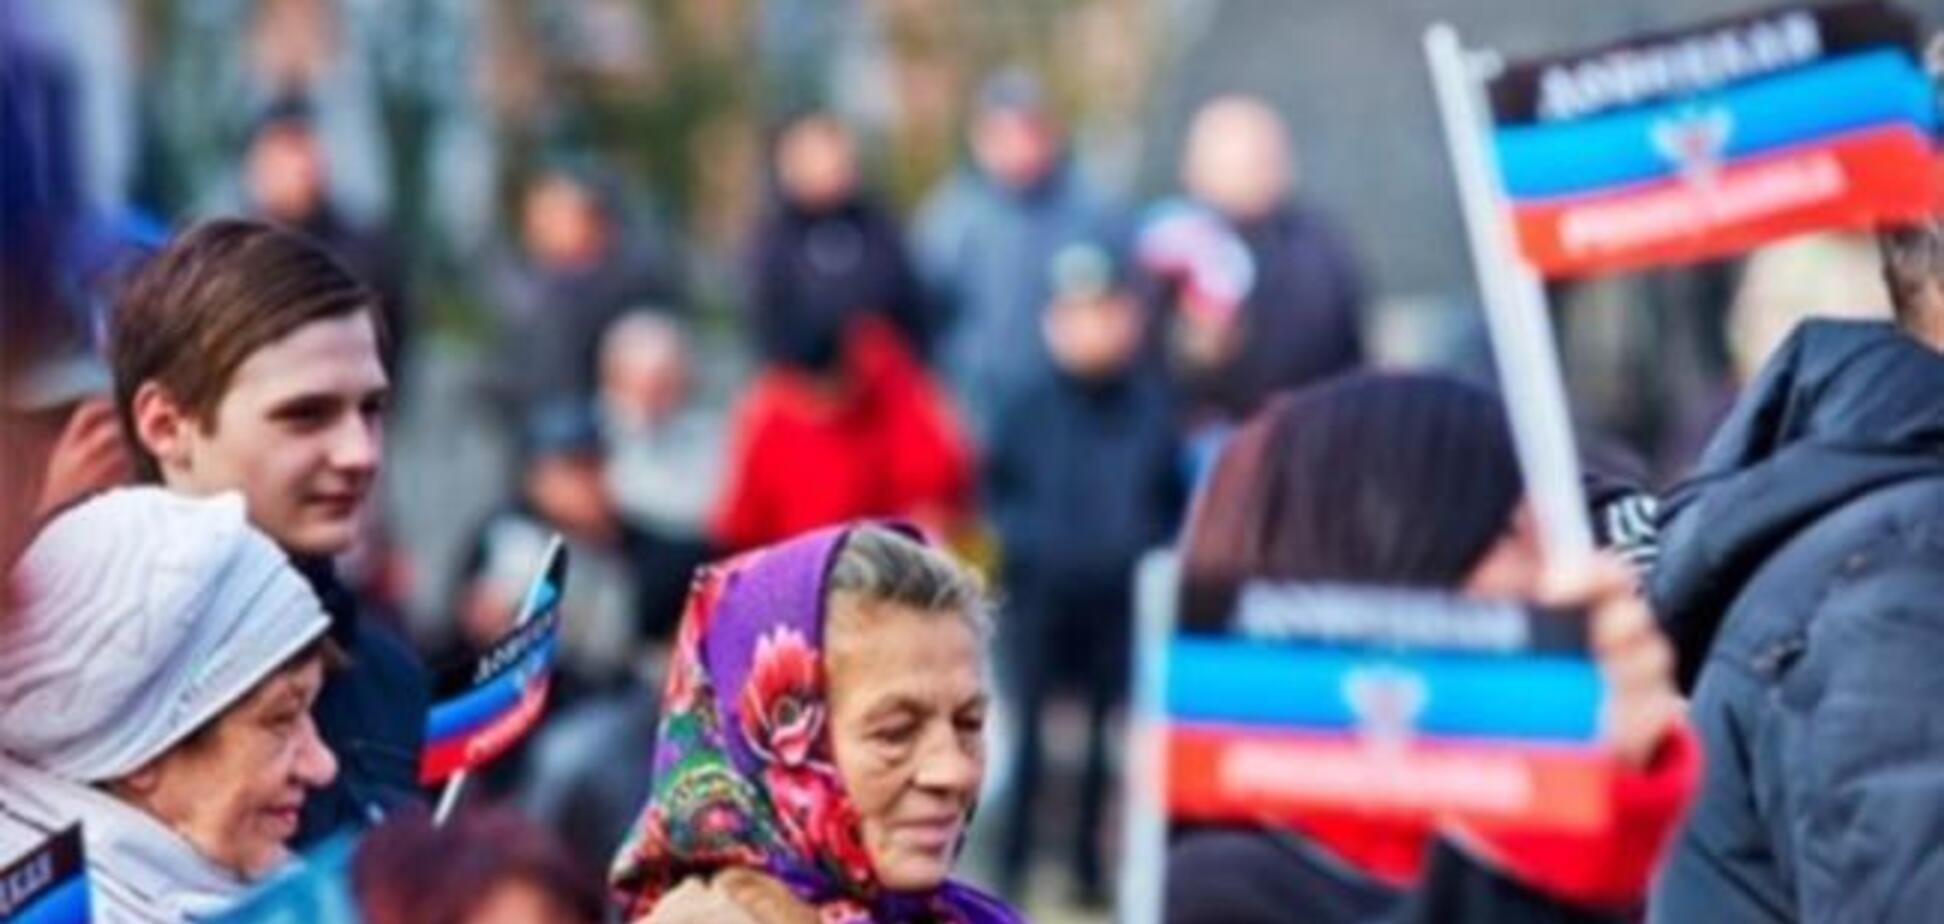 Оккупанты задумали новые ограничения для жителей 'ДНР': что известно